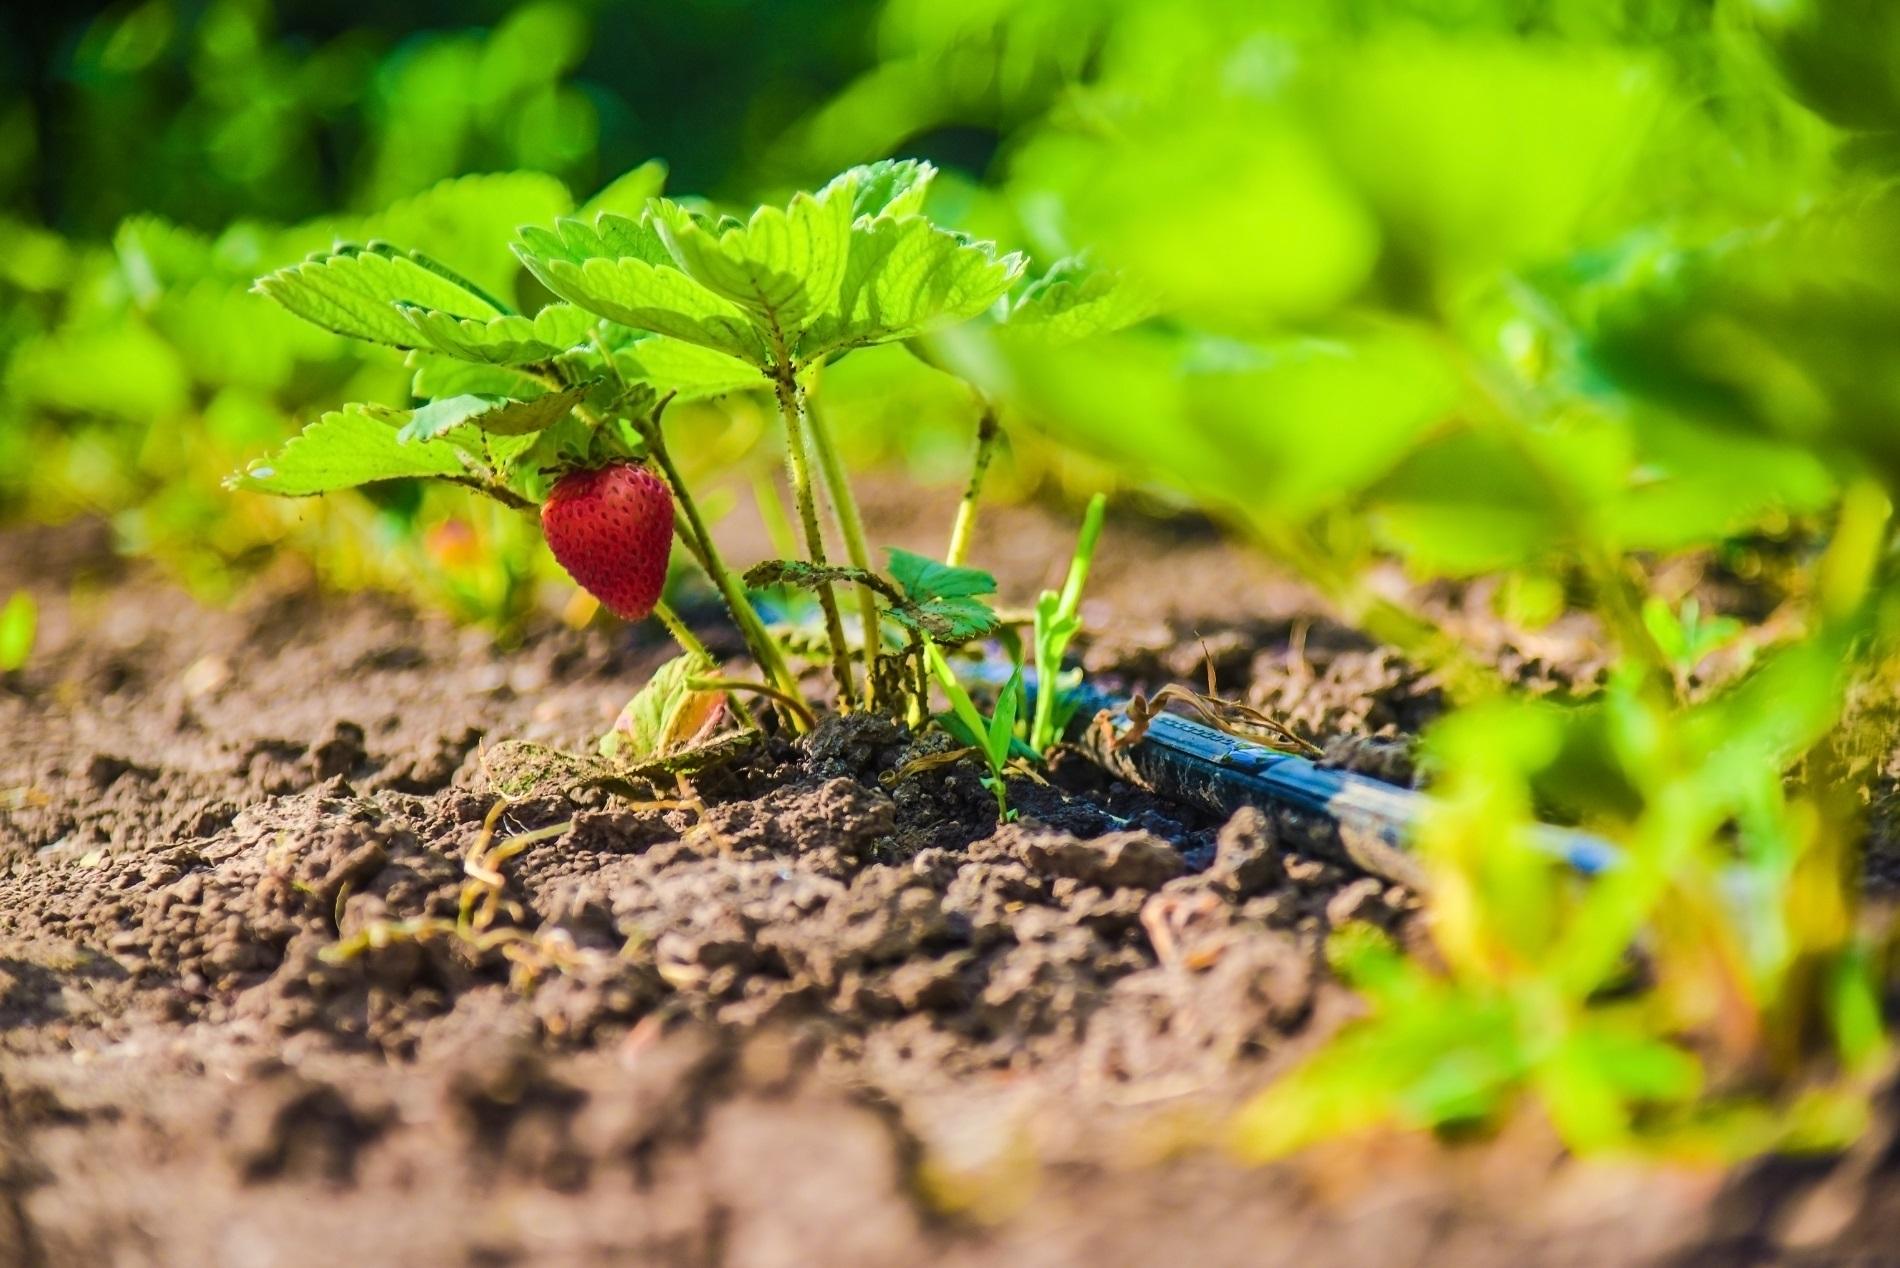 Buenas prácticas agrícolas: Beneficios del riego localizado por goteo